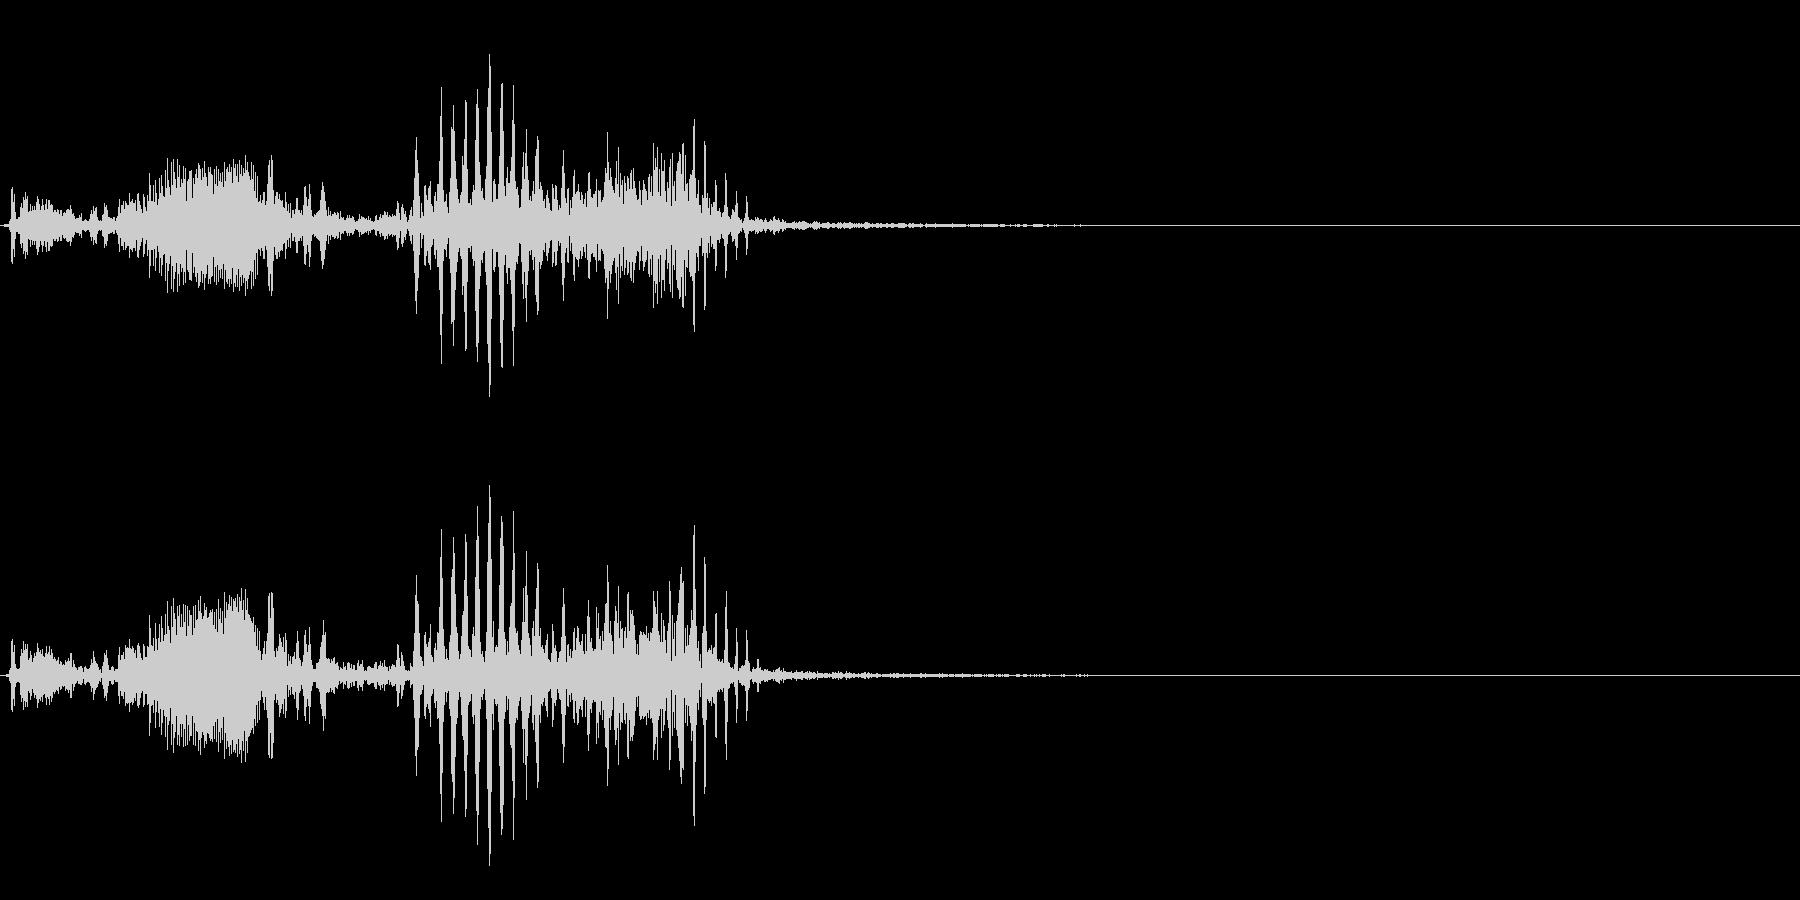 【生録音】フラミンゴの鳴き声 20の未再生の波形